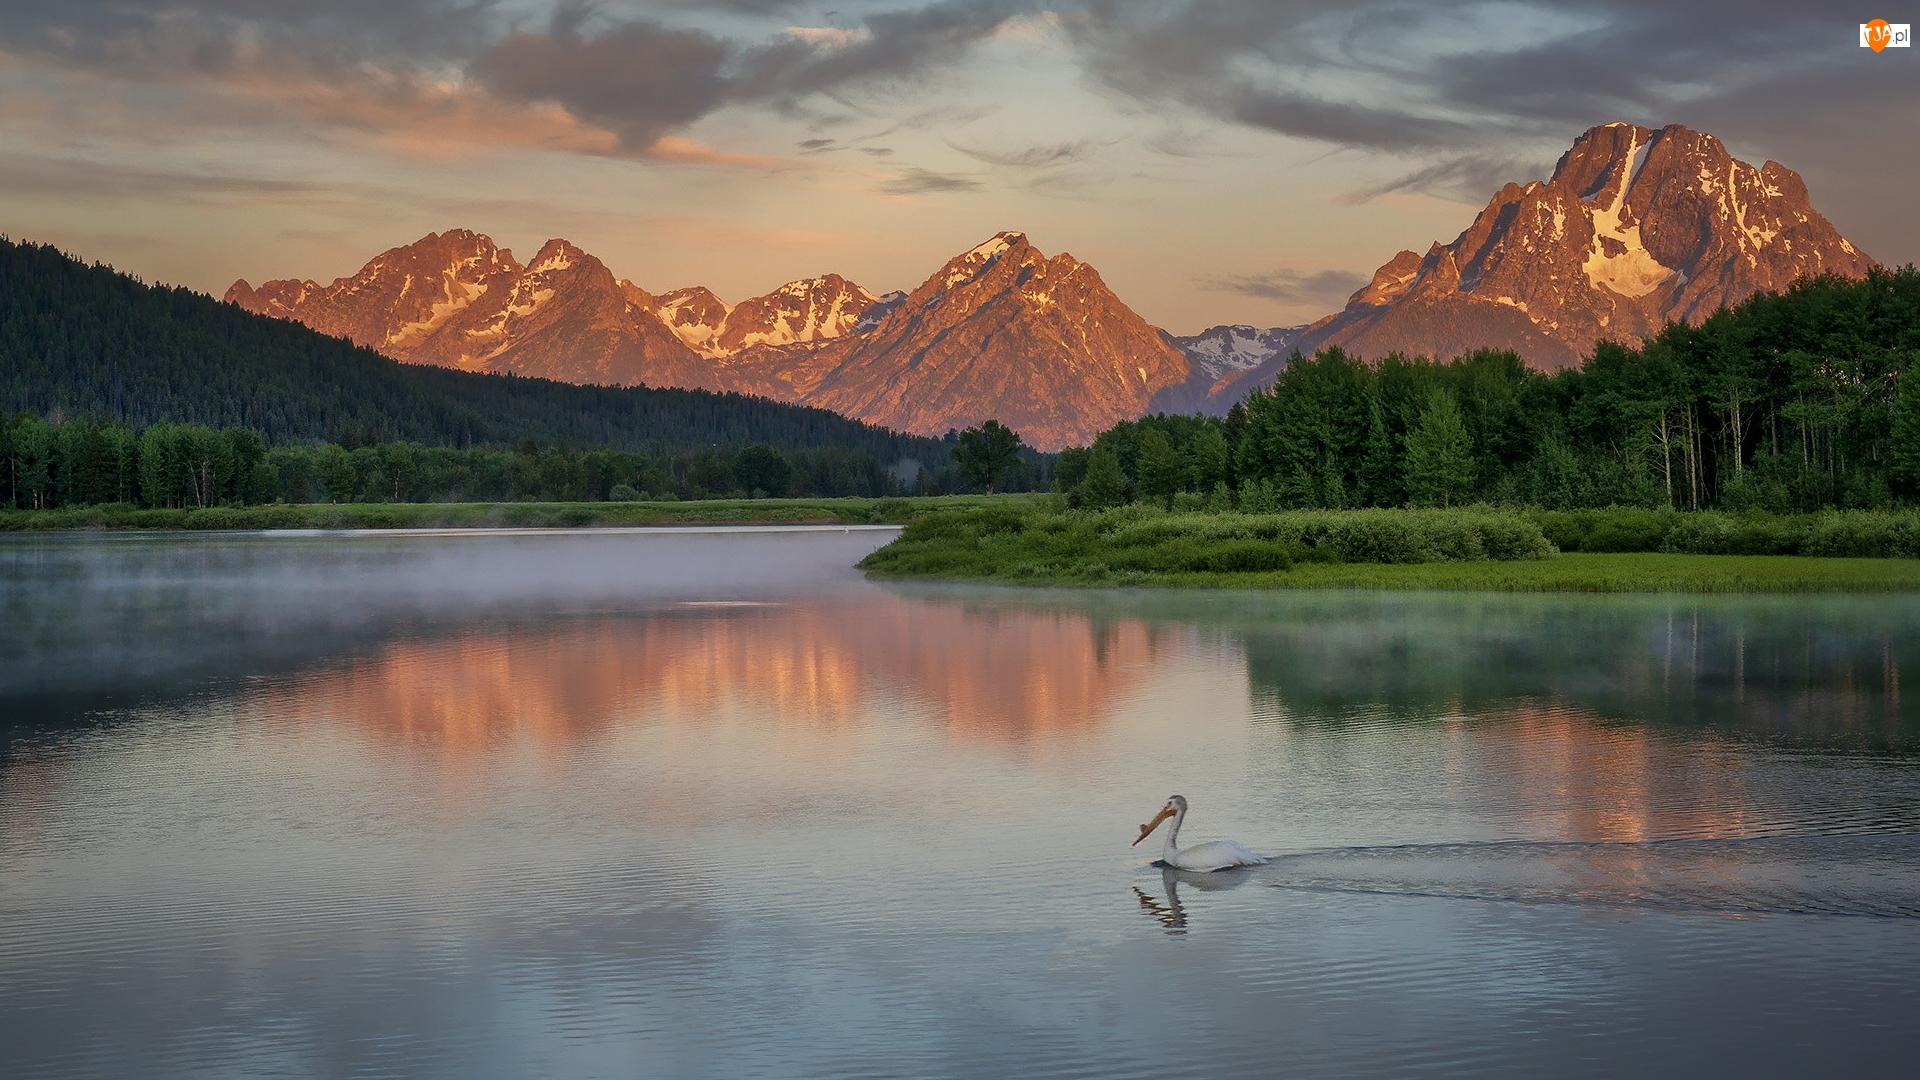 Pelikan, Teton Range, Lasy, Drzewa, Rzeka, Stan Wyoming, Góry, Park Narodowy Grand Teton, Zielone, Snake River, Stany Zjednoczone